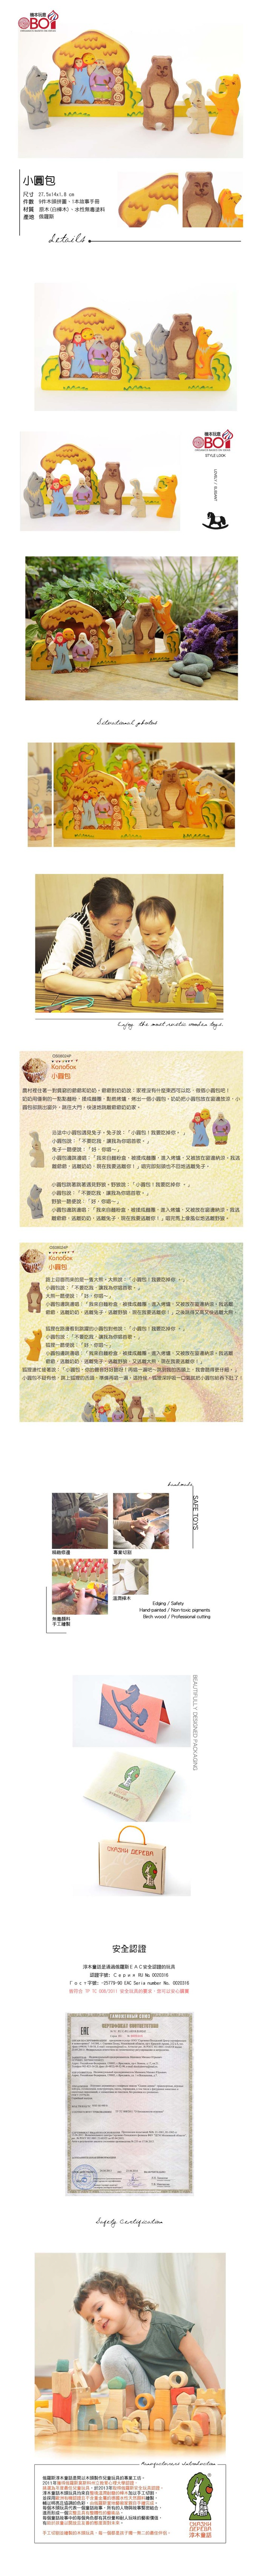 (複製)淳木童話|野鵝與蘋果樹立體木頭拼圖